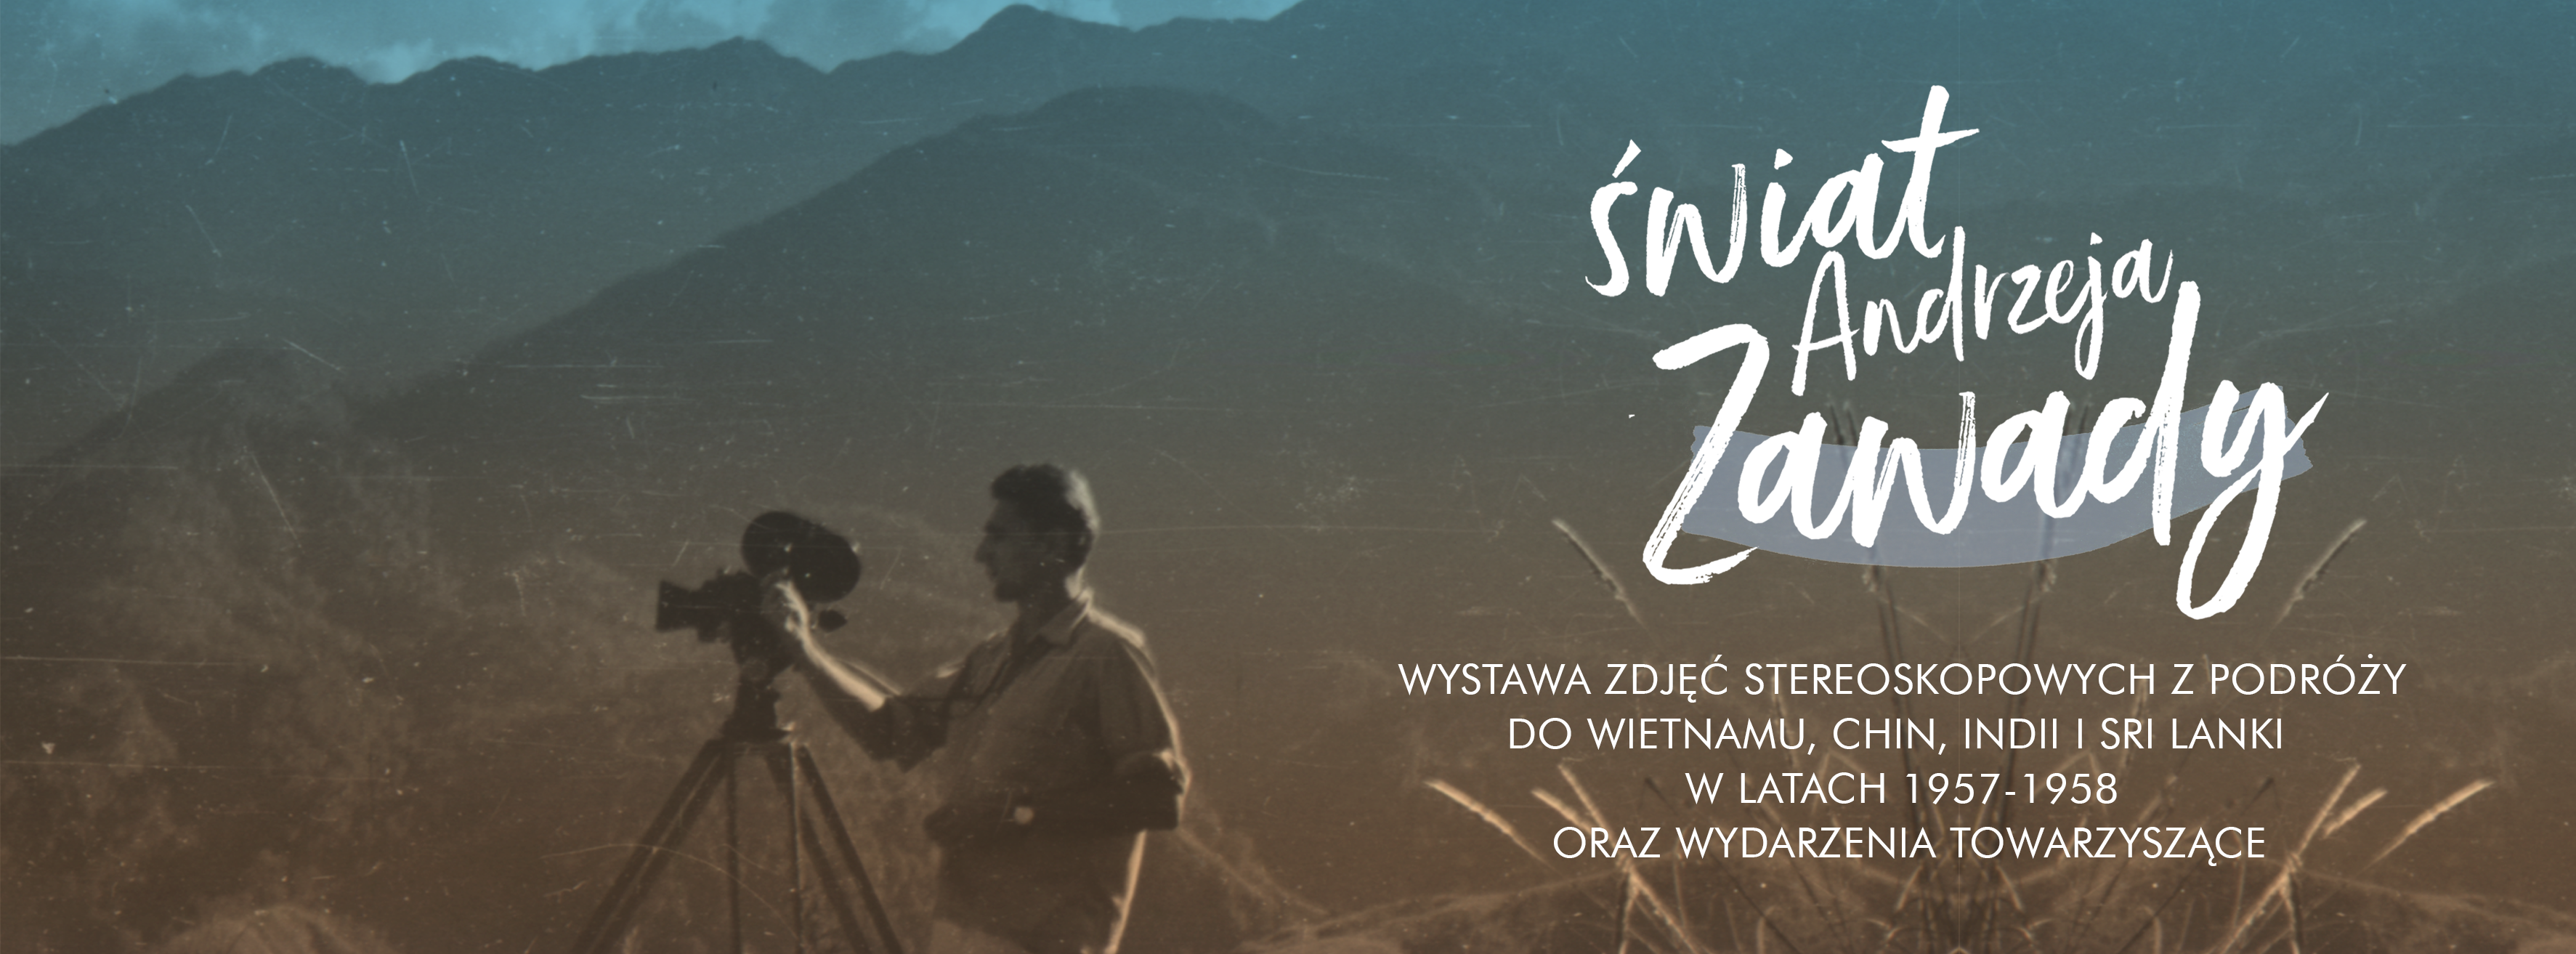 cover_zawada